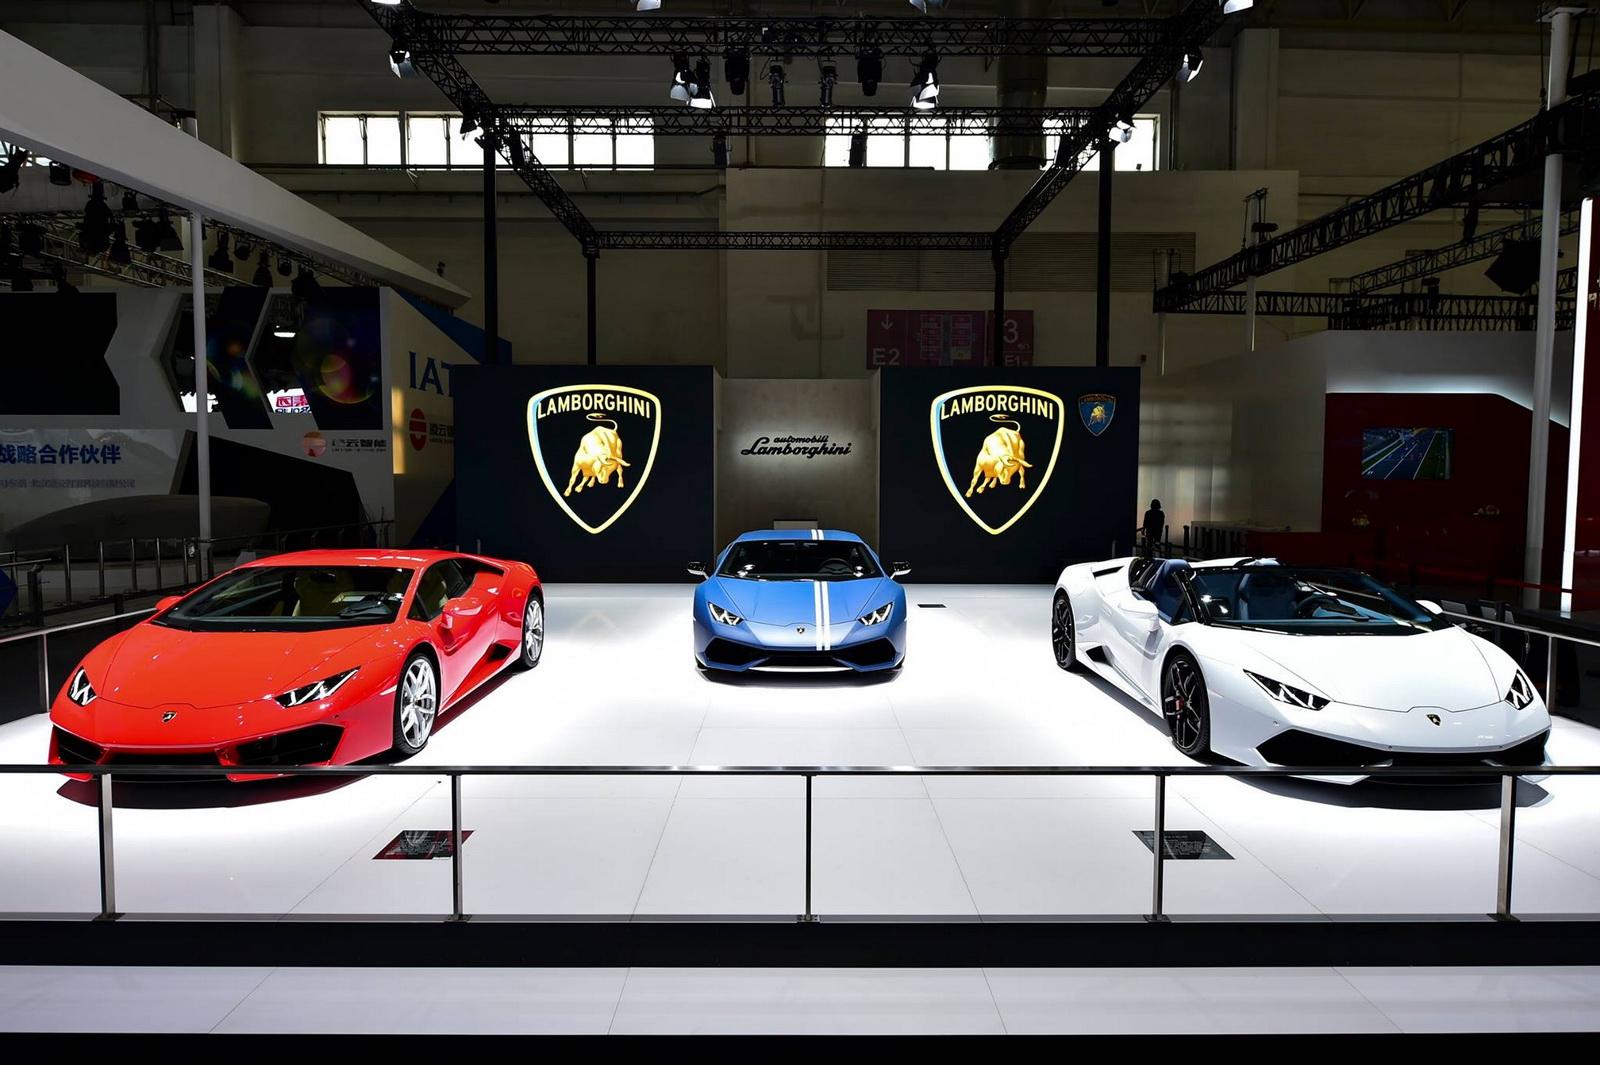 Thị trường Trung Quốc là thị trường cốt lõi của Lamborghini trong những năm gần đây